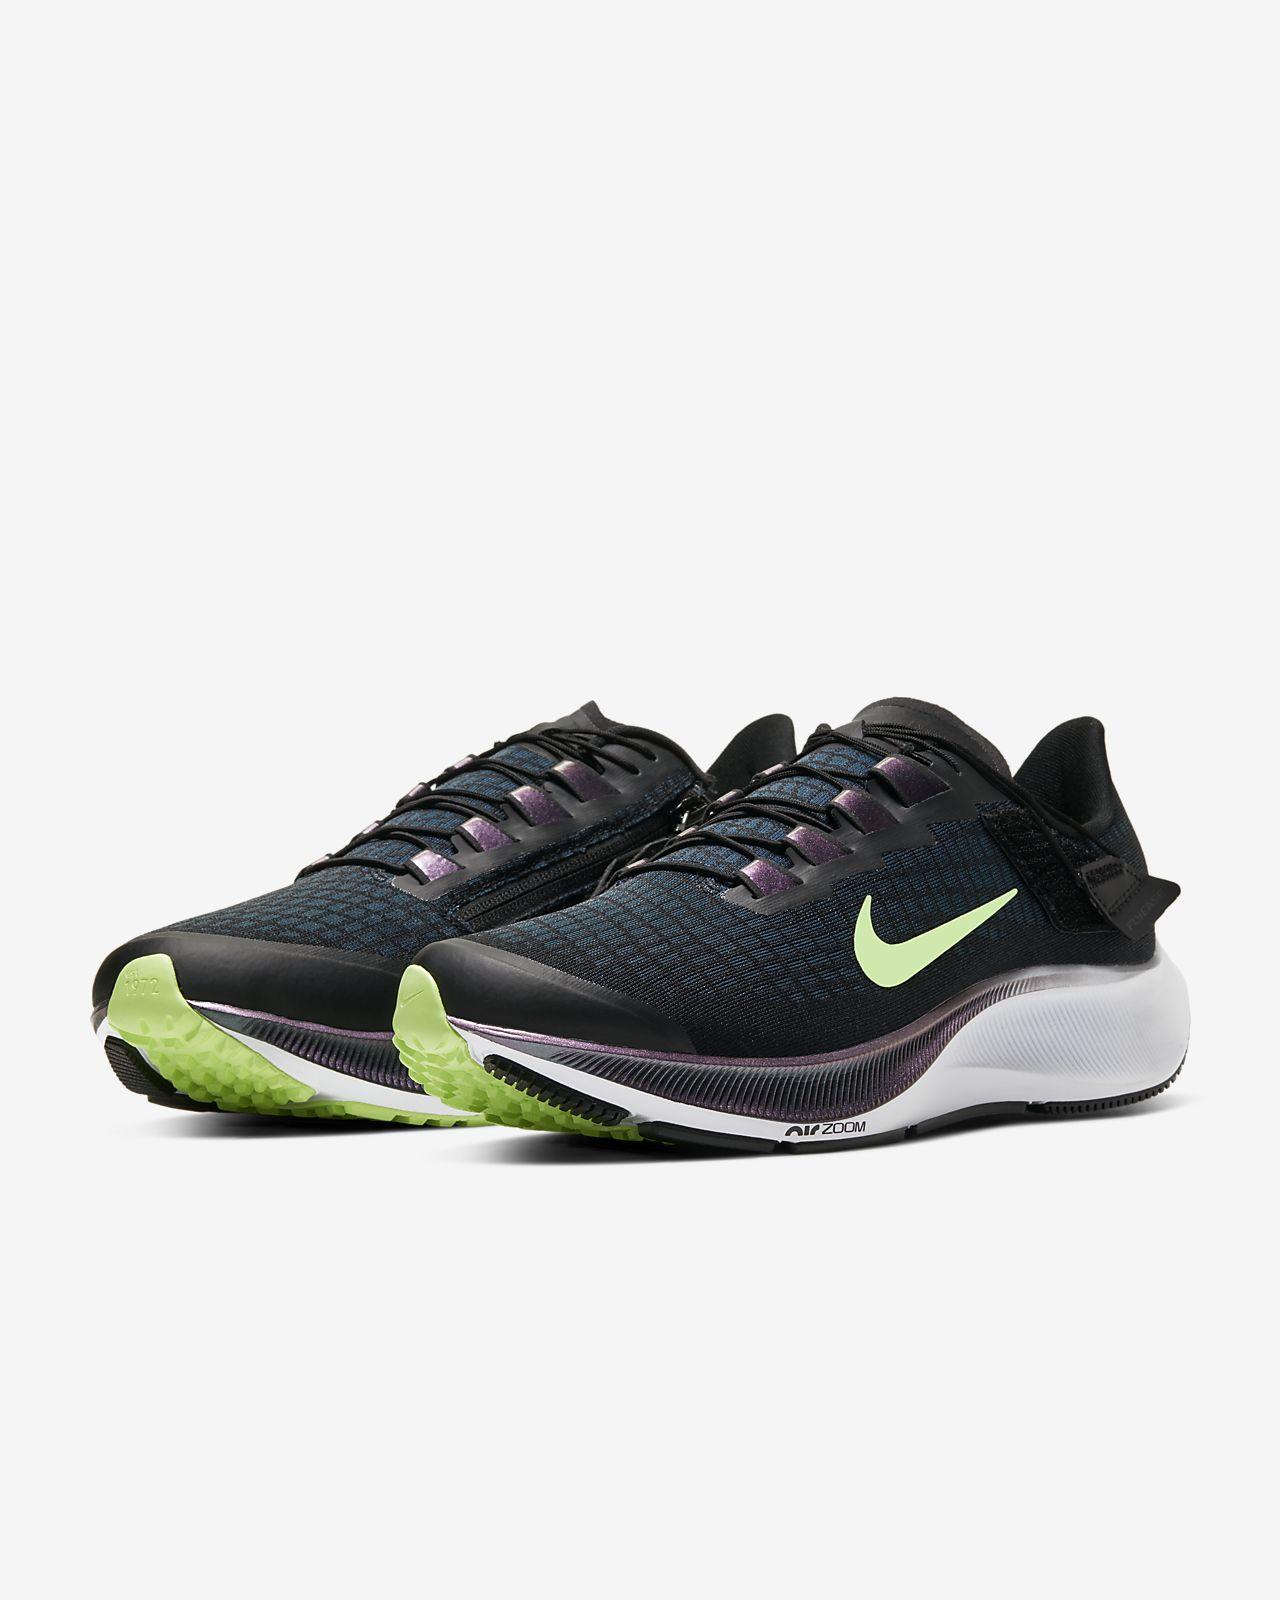 Nike Air Zoom Pegasus 37 FlyEase Hardloopschoen voor heren